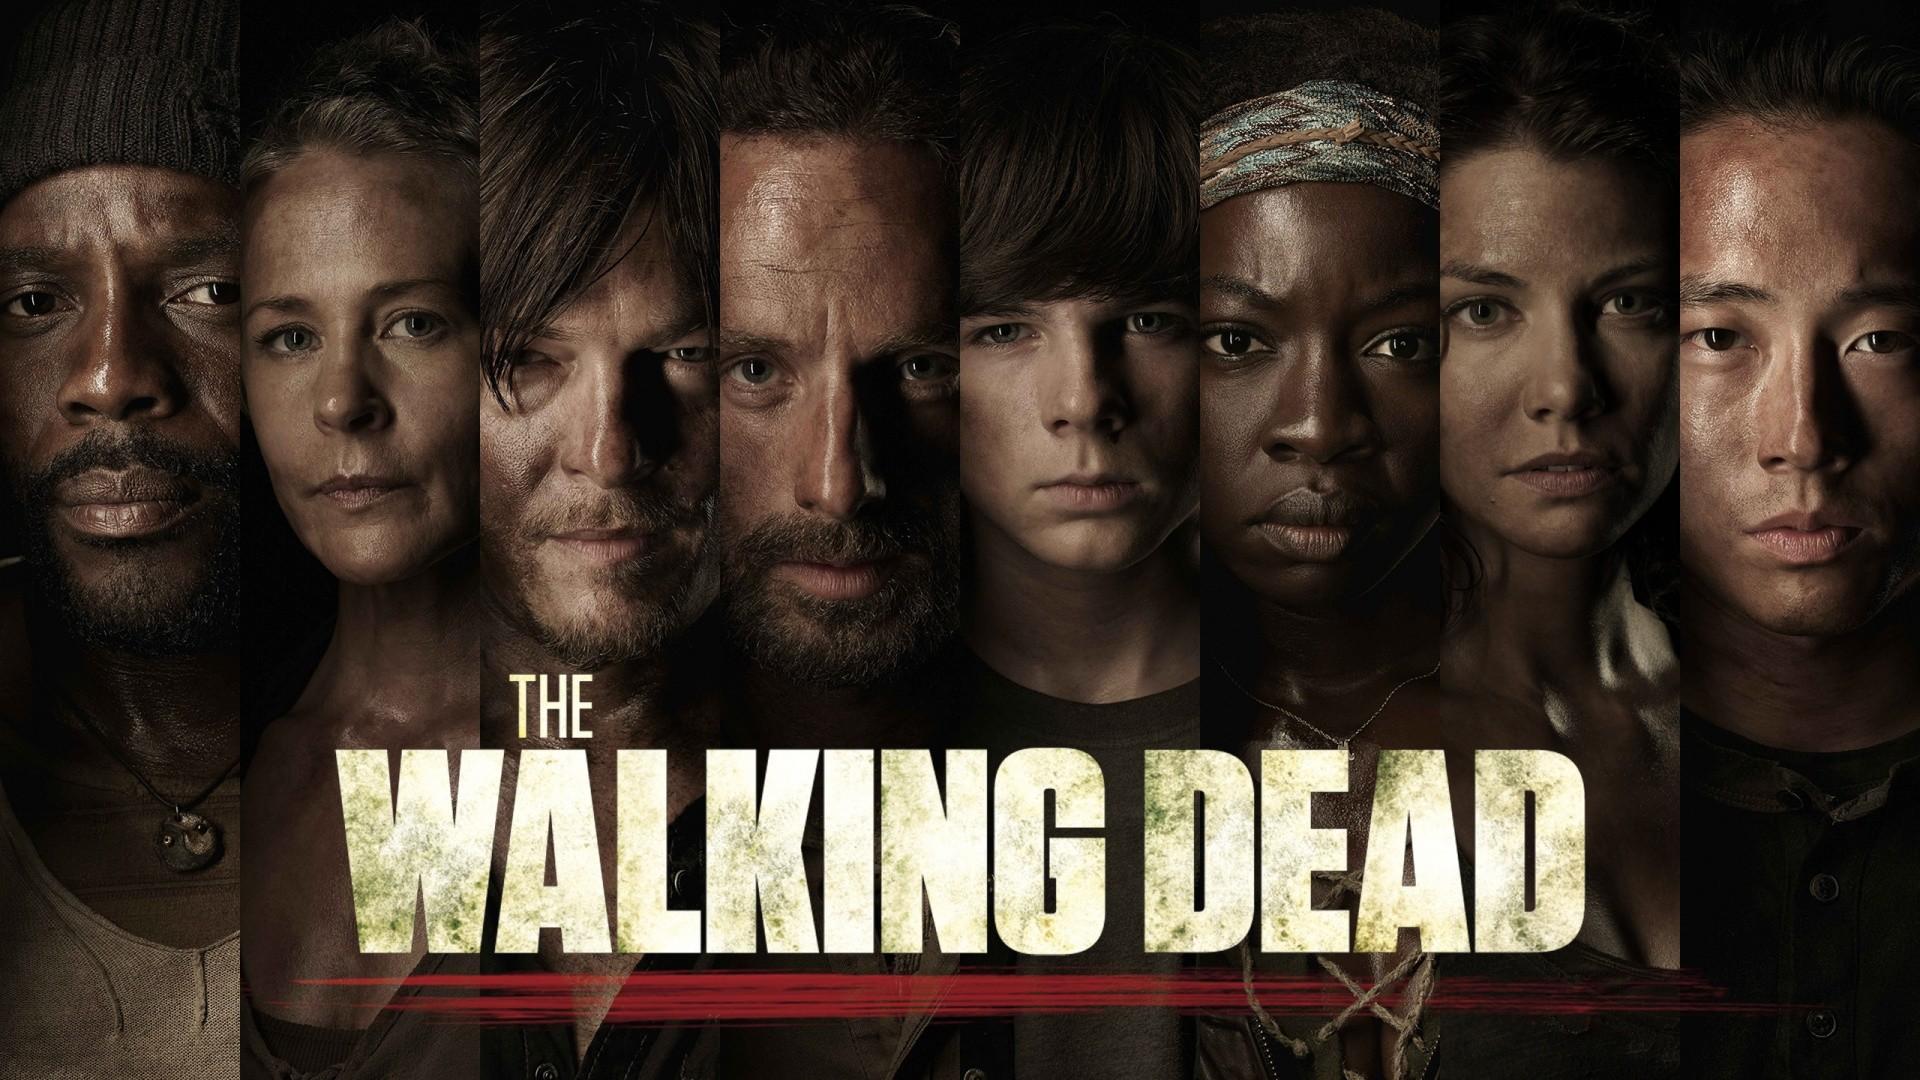 The walking dead wallpaper Group 1920×1080 The Walking Dead Wallpapers  1920×1080 (